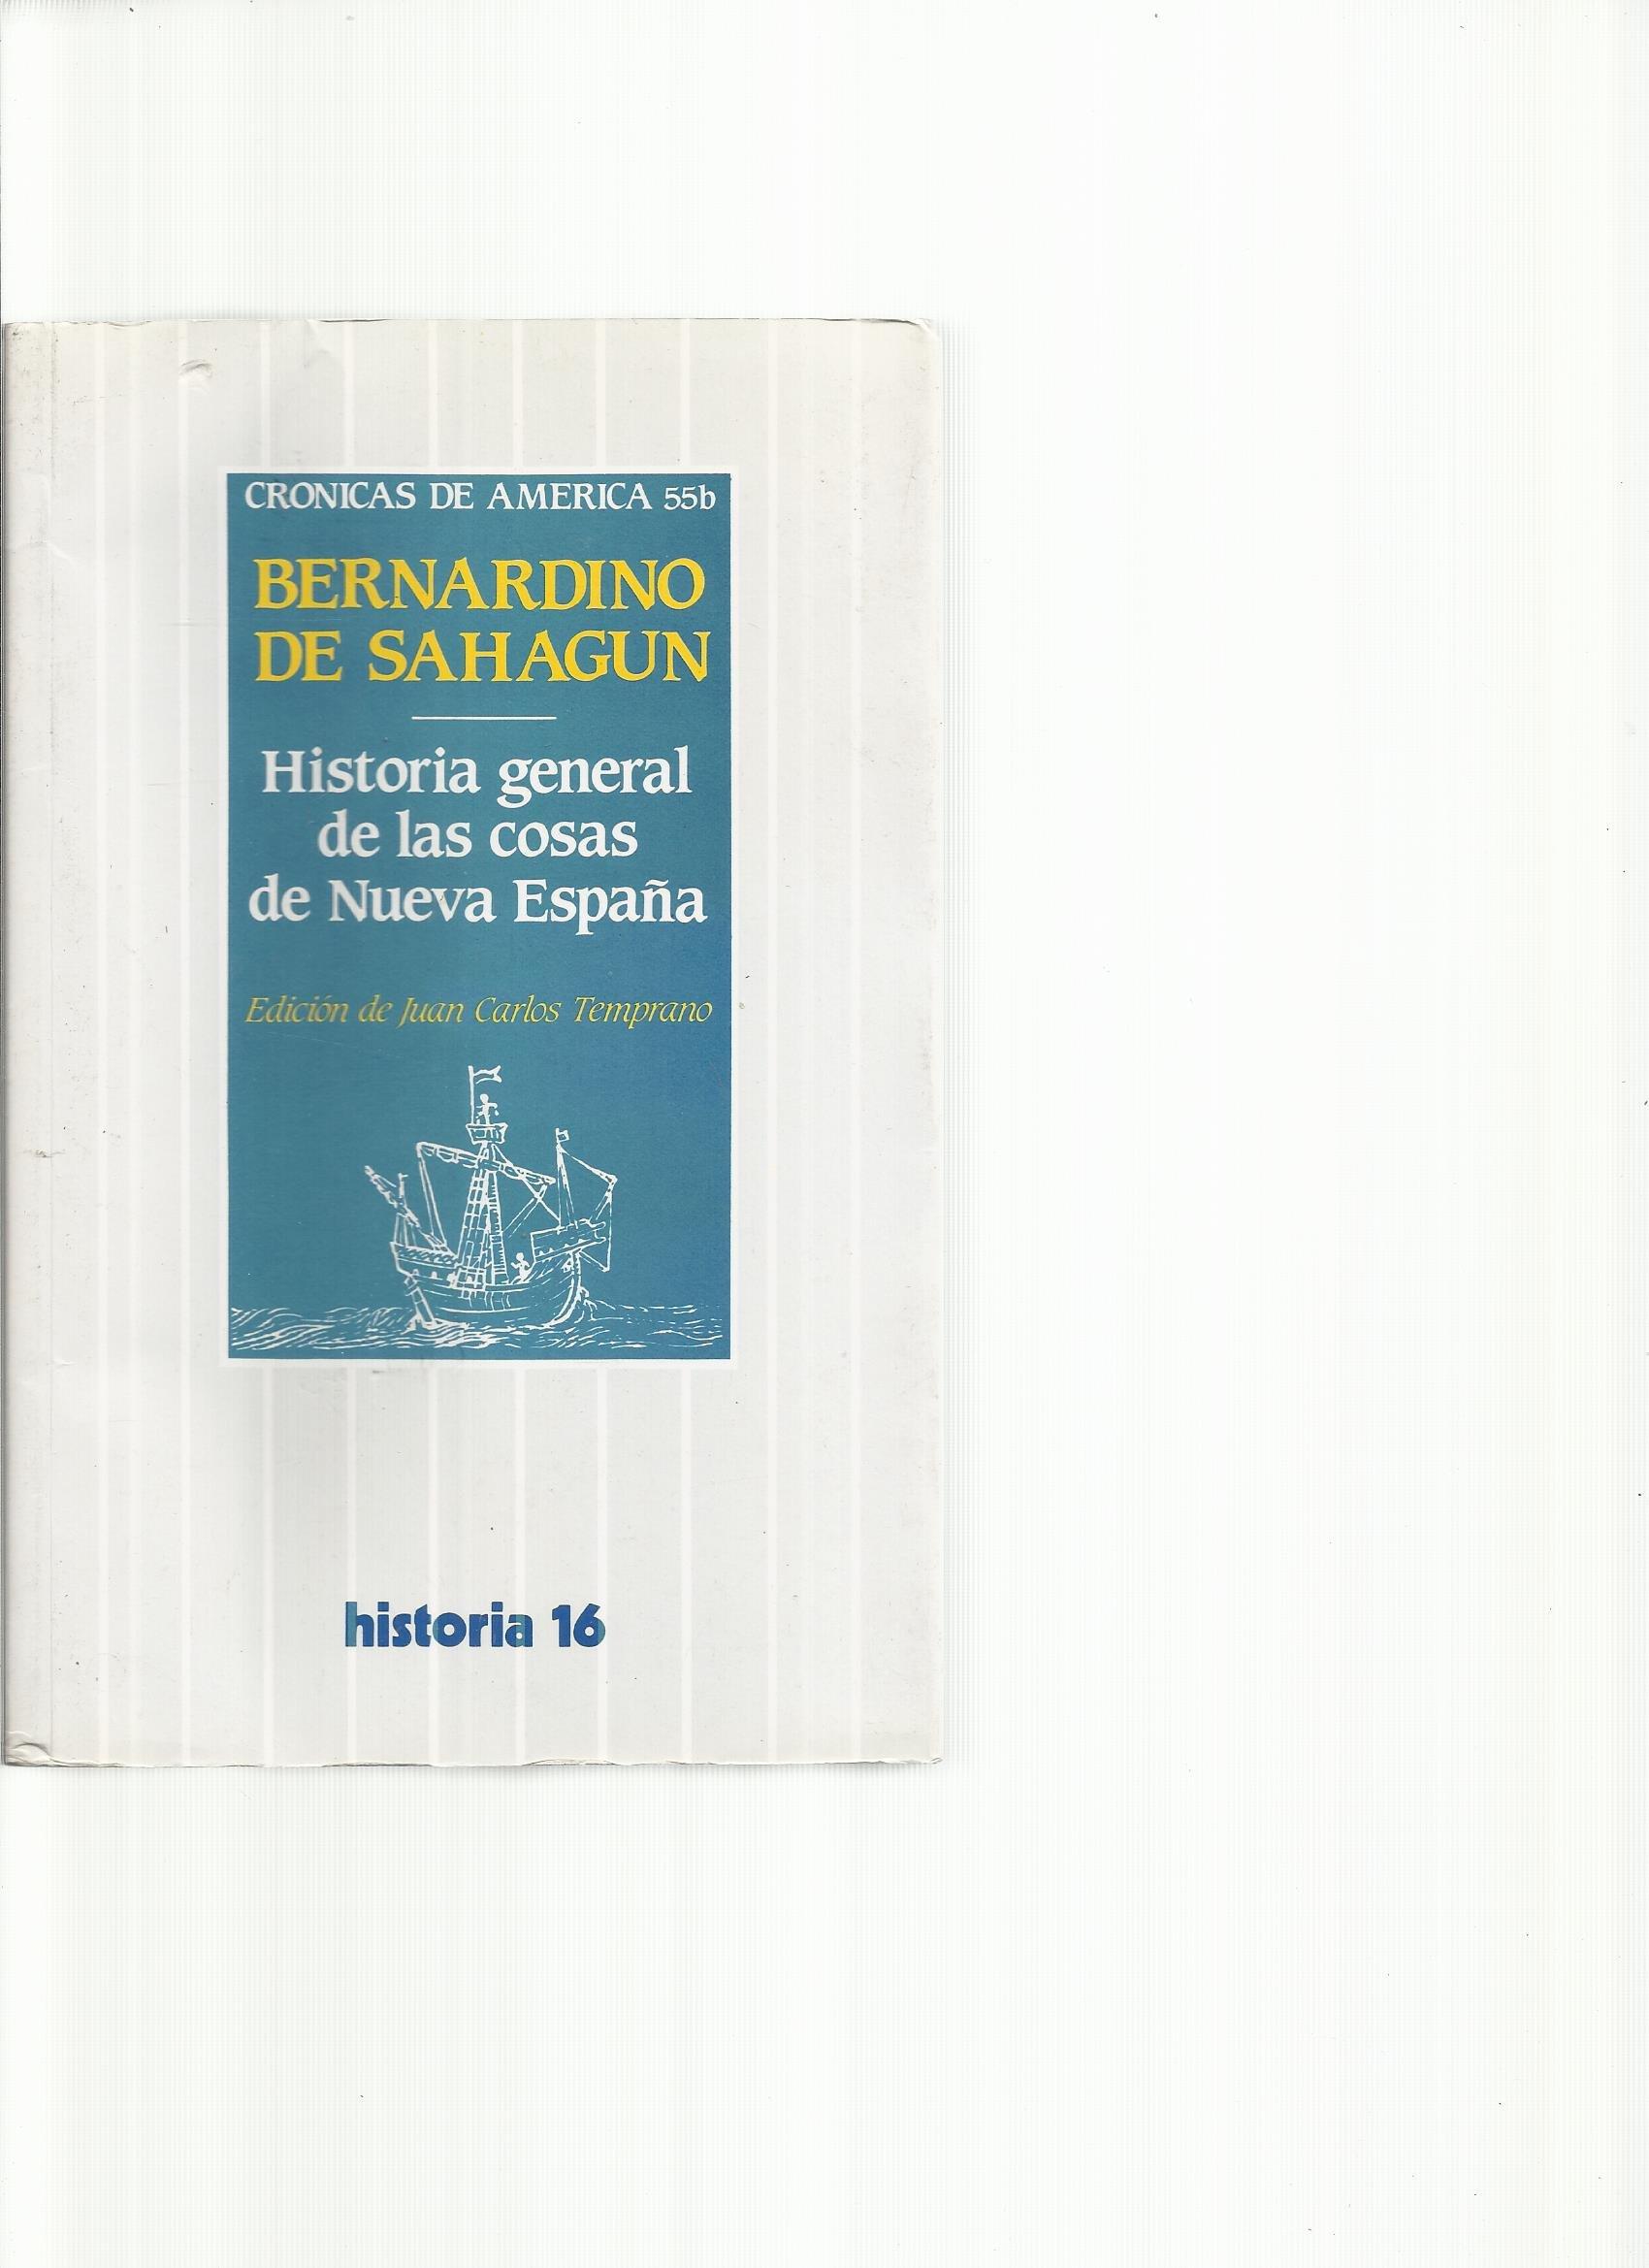 Historia general de las cosas de nueva España Alianza universidad: Amazon.es: Sahagún, Bernardino de: Libros